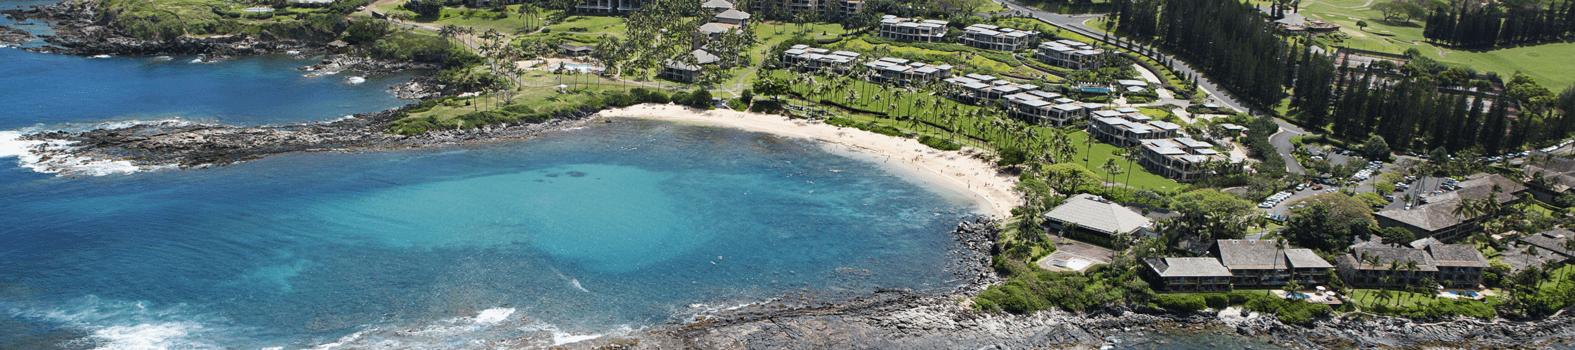 Beach Drone shot Maui 1982